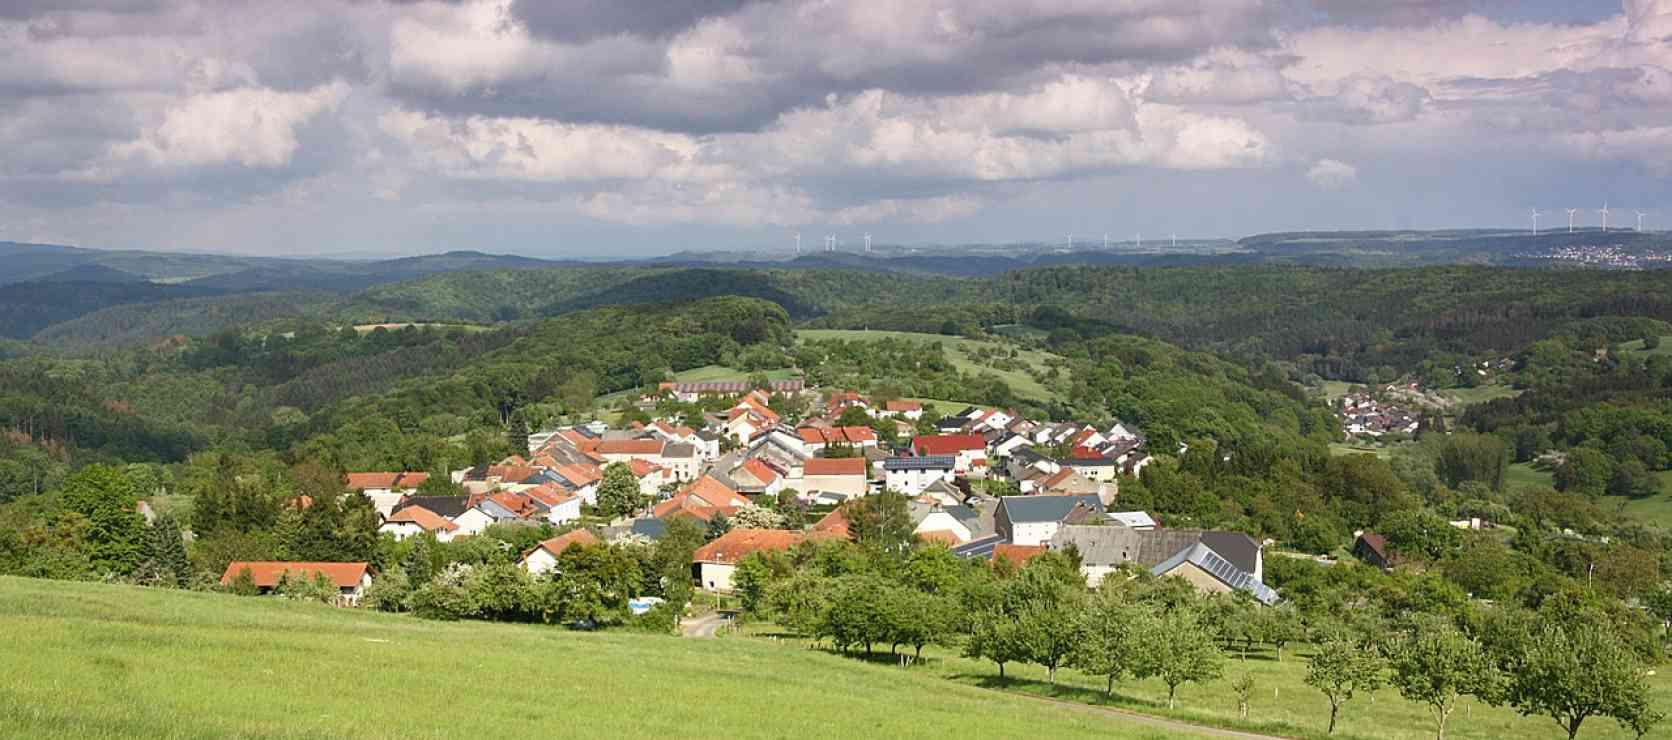 LAND.SCHAFFT.WISSEN. © pixabay, GuentherDillingen